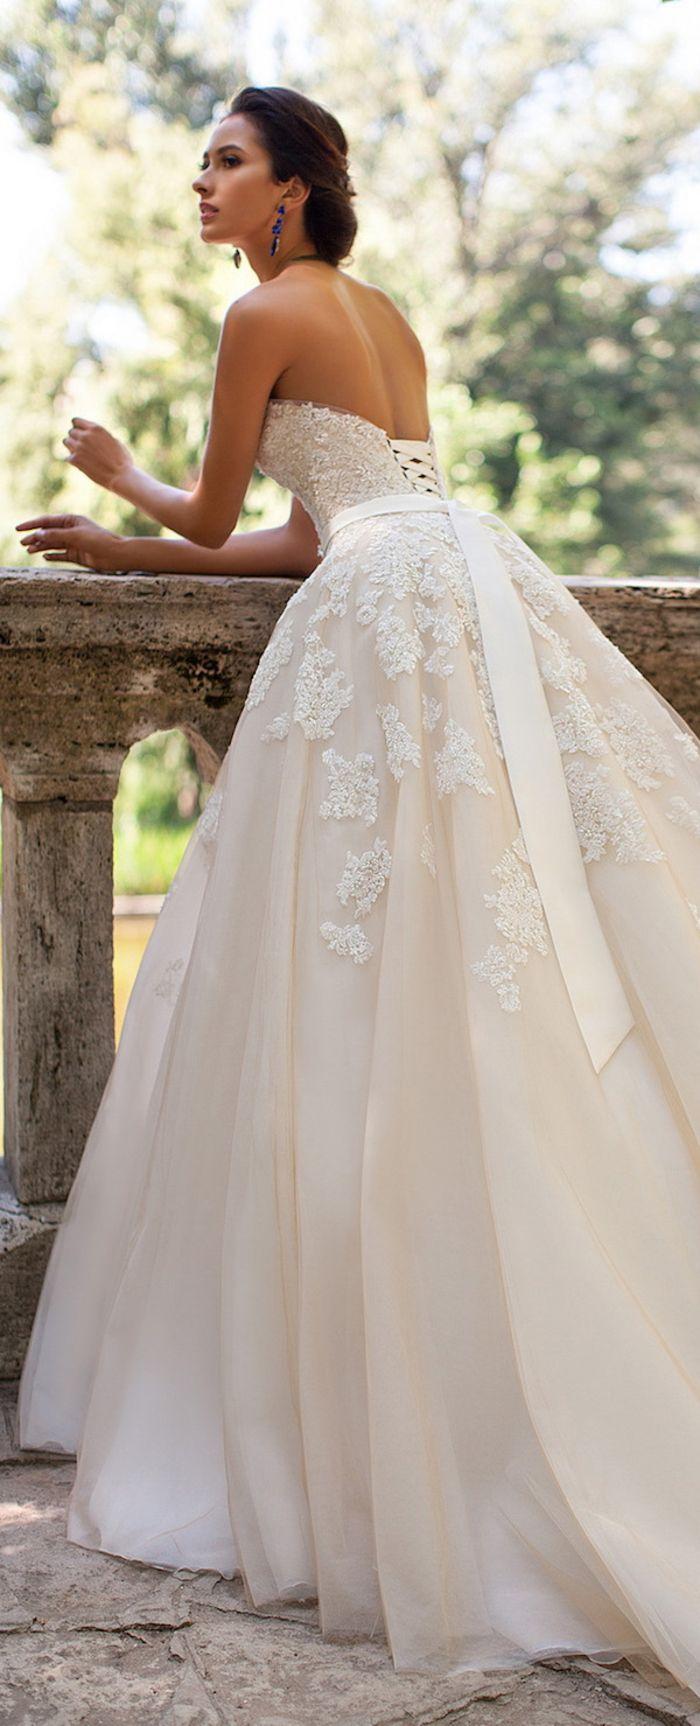 219 besten Brautkleid Bilder auf Pinterest   Hochzeitskleider ...